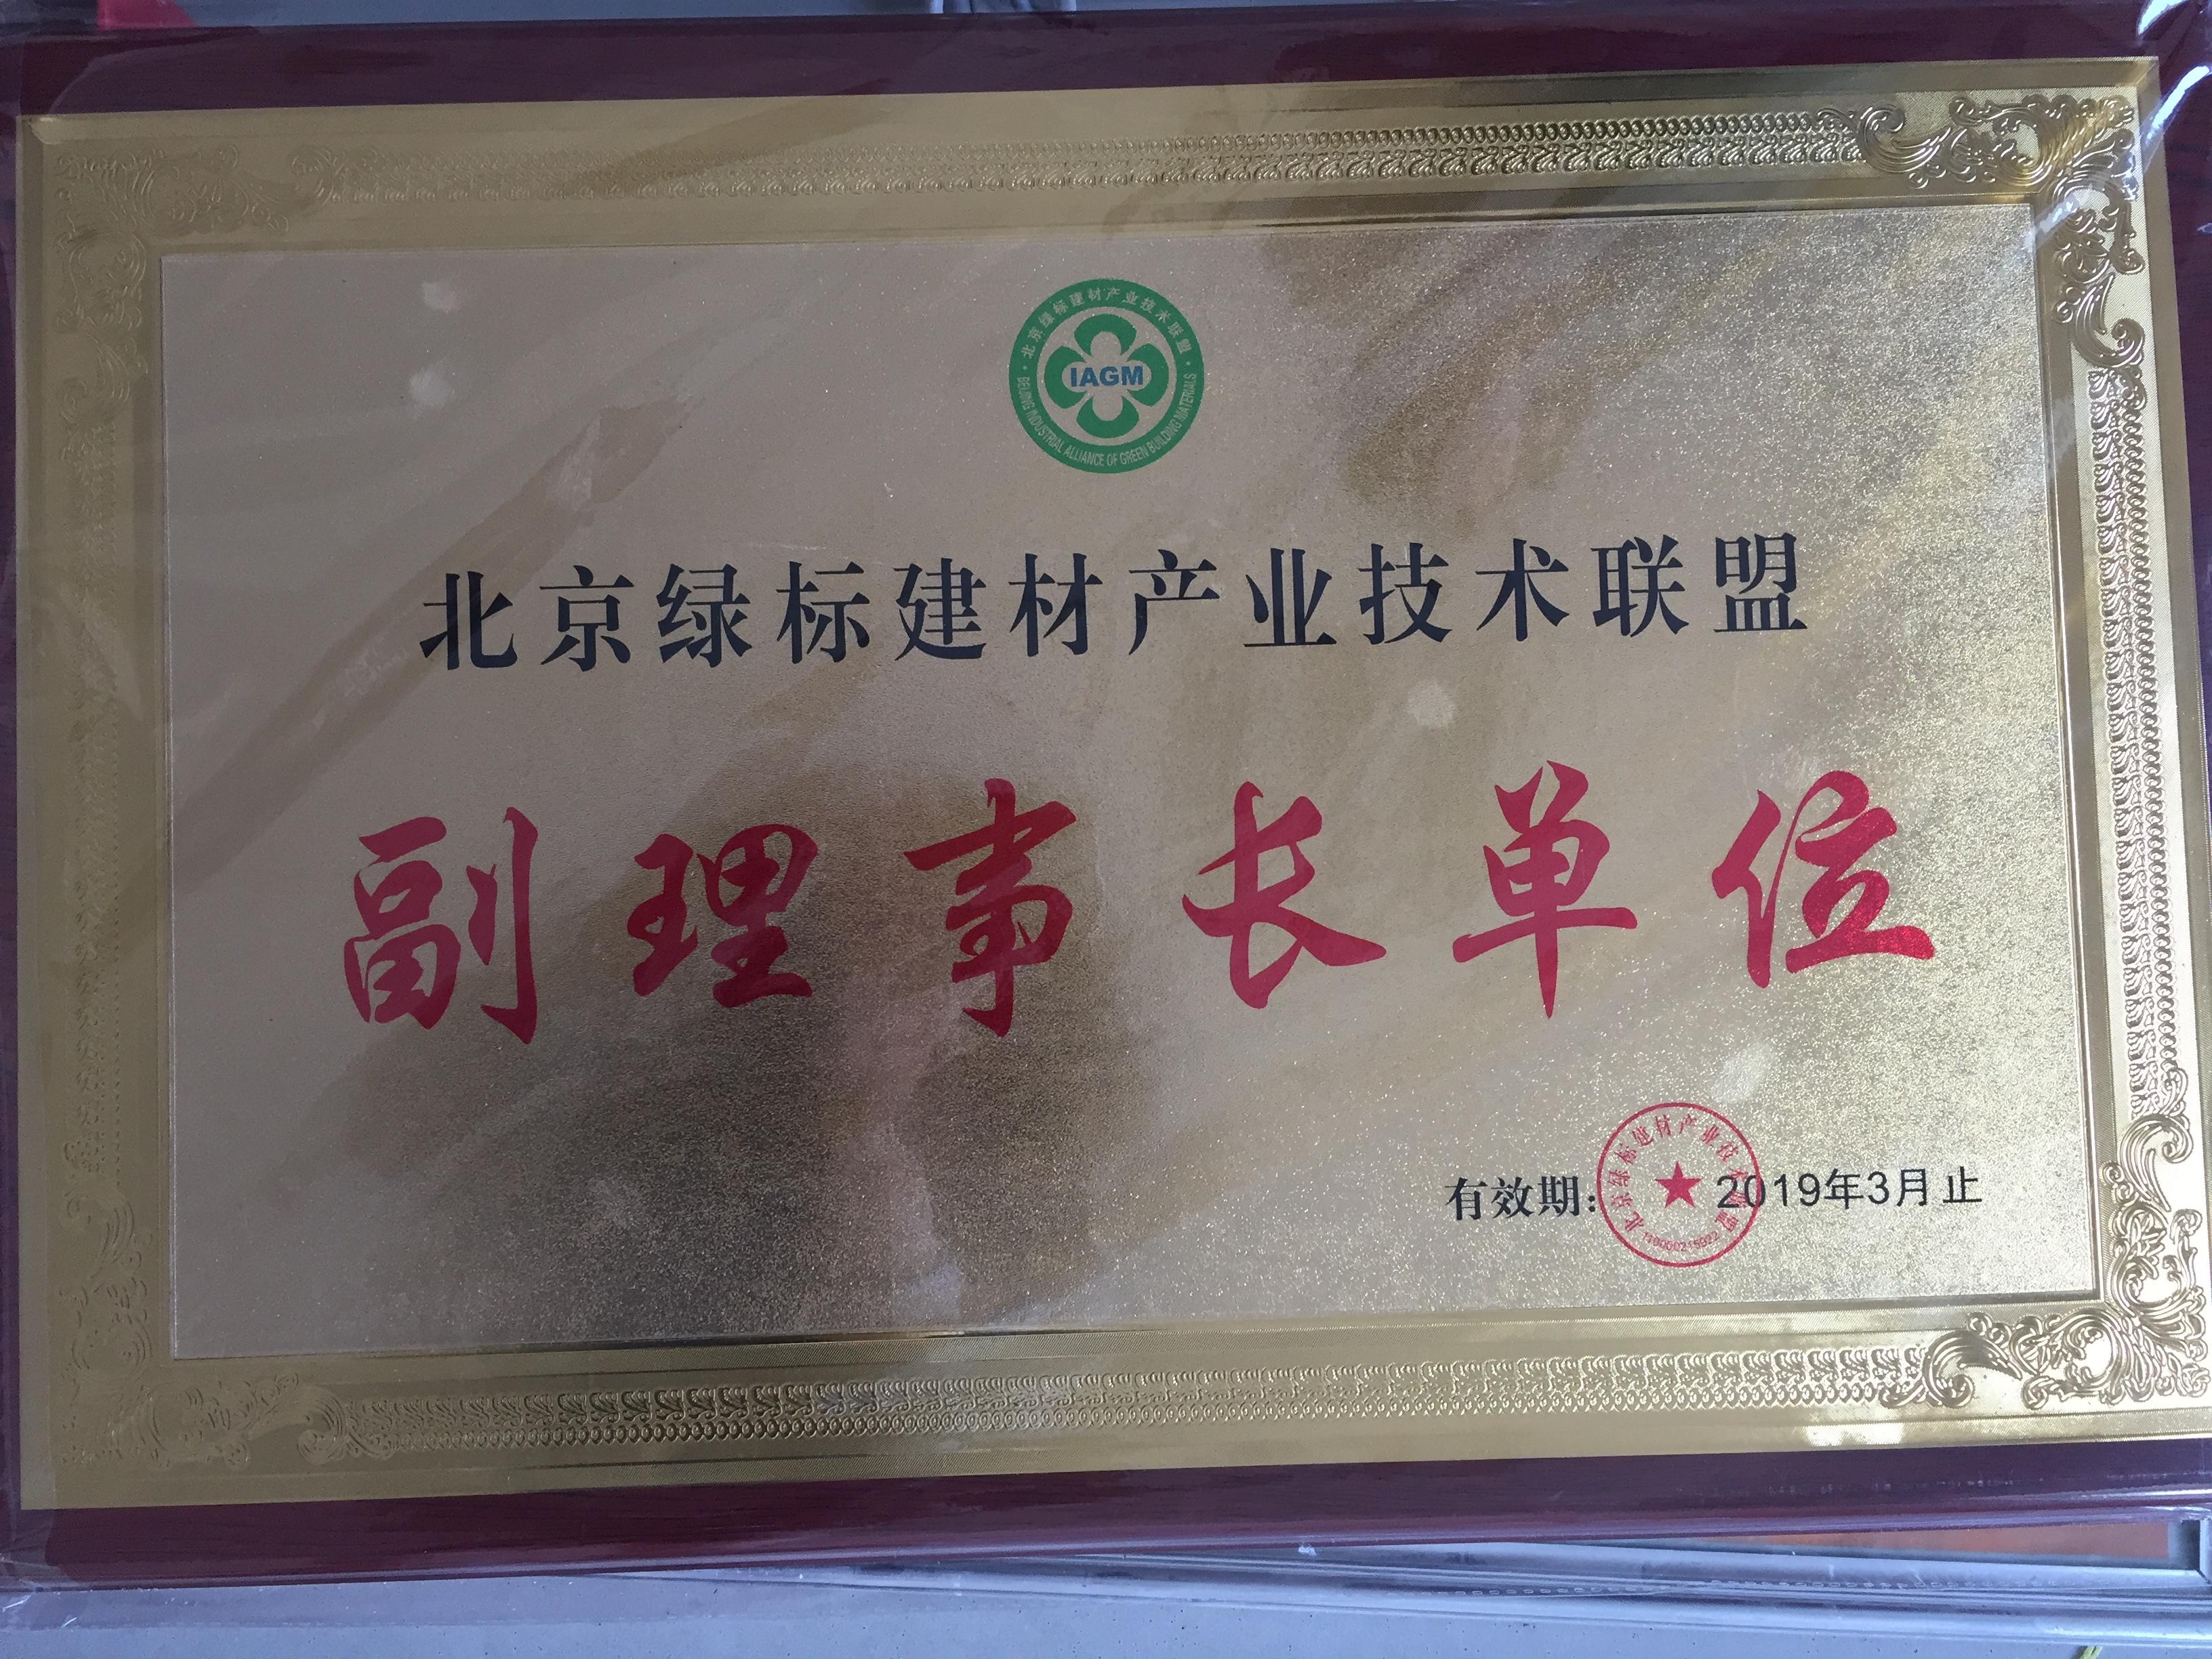 7.北京綠標建材產業技術聯盟副理事長單位